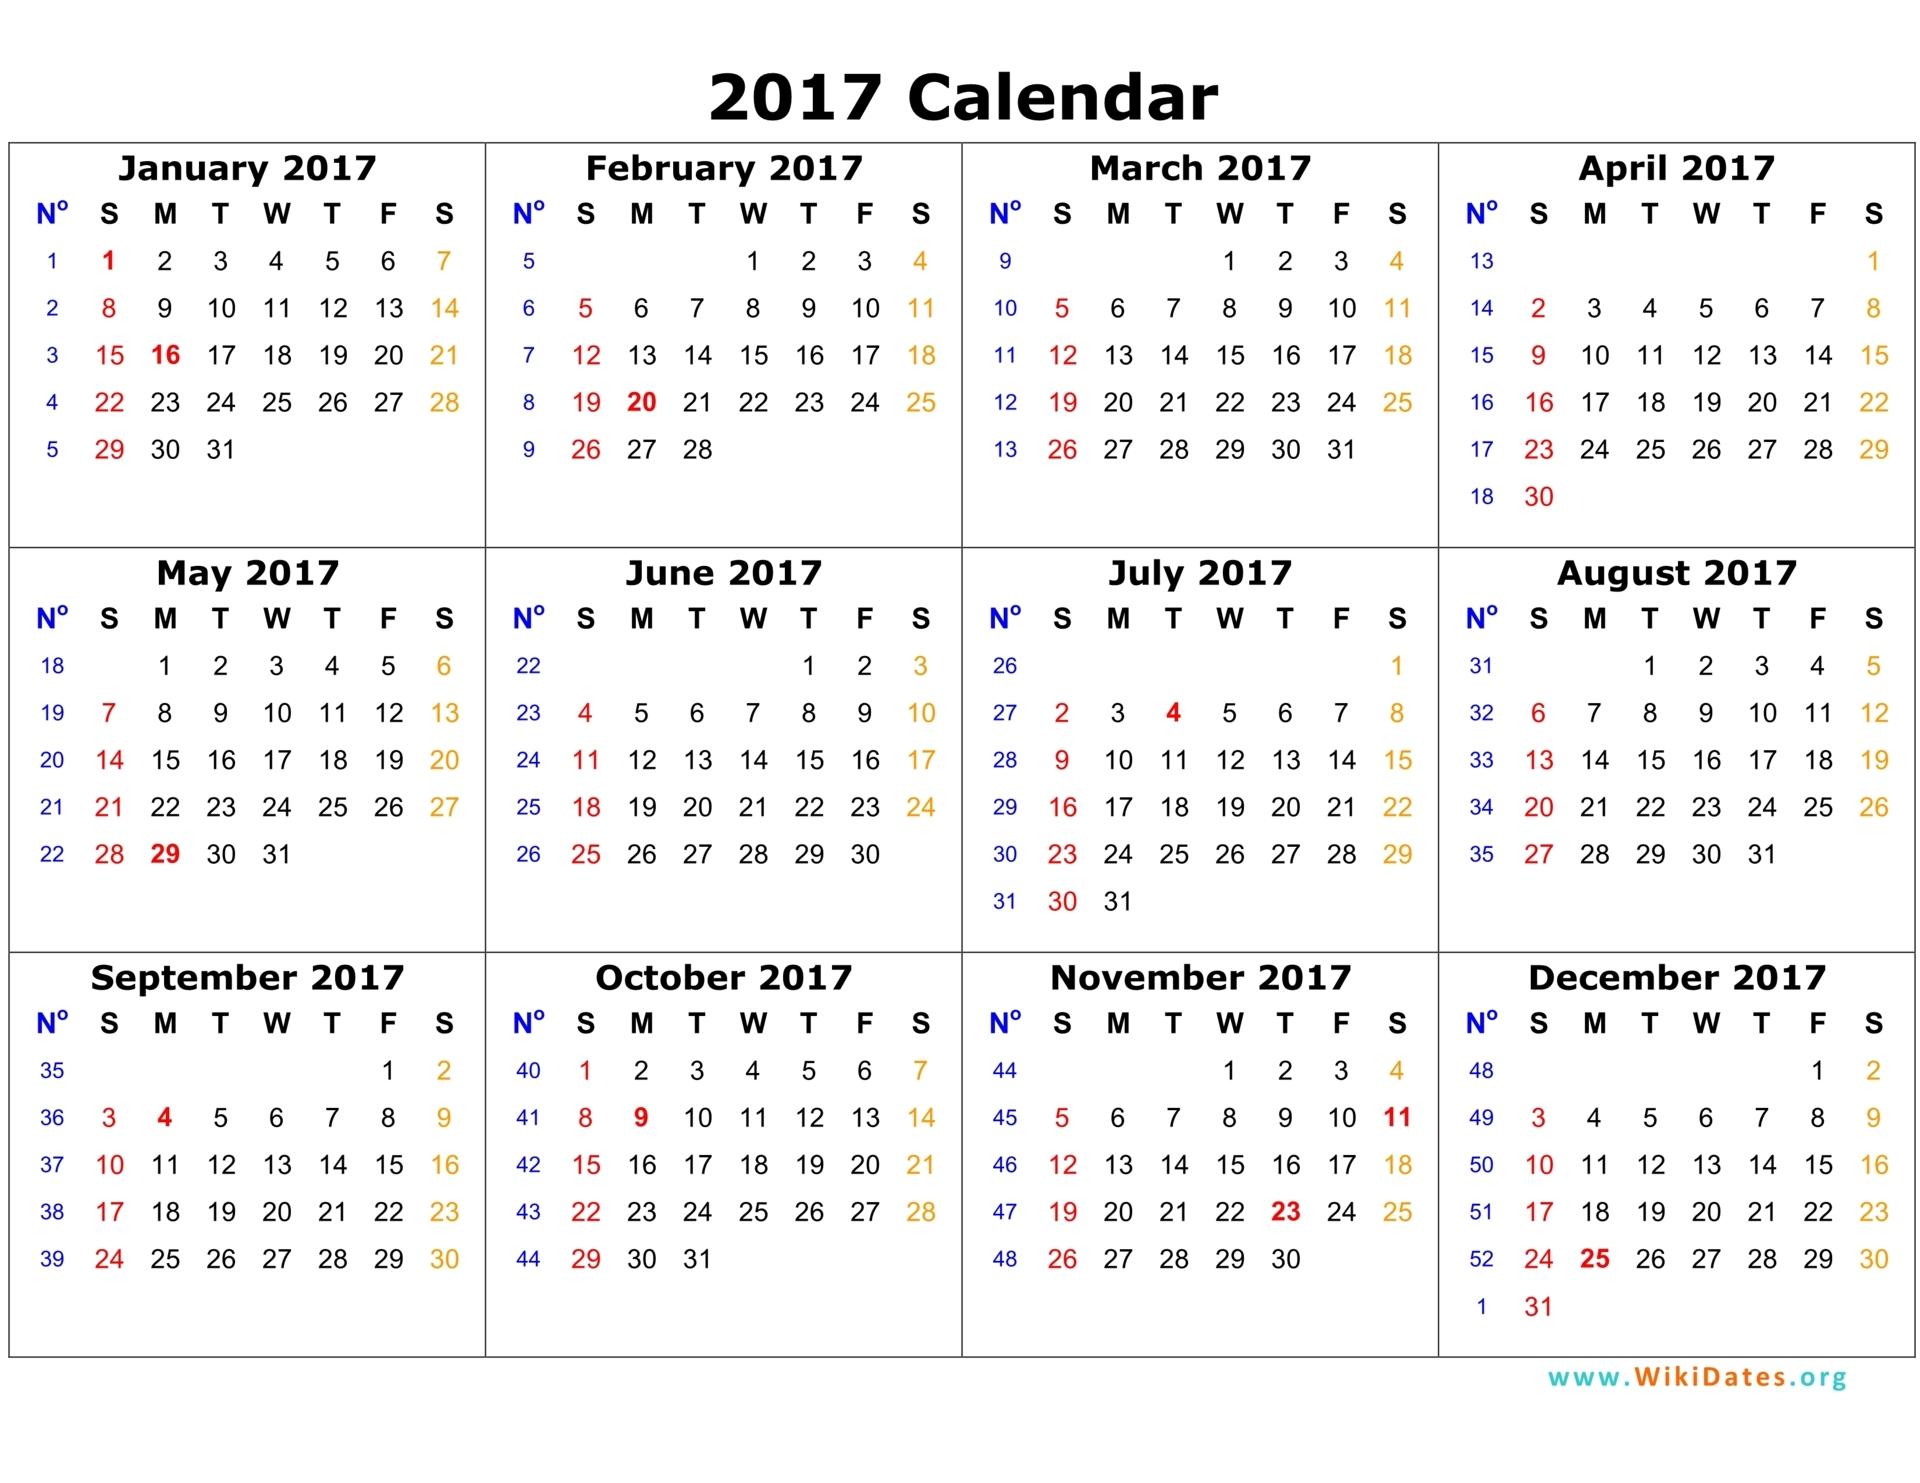 2017 Calendar Pdf | 2017 calendar with holidays